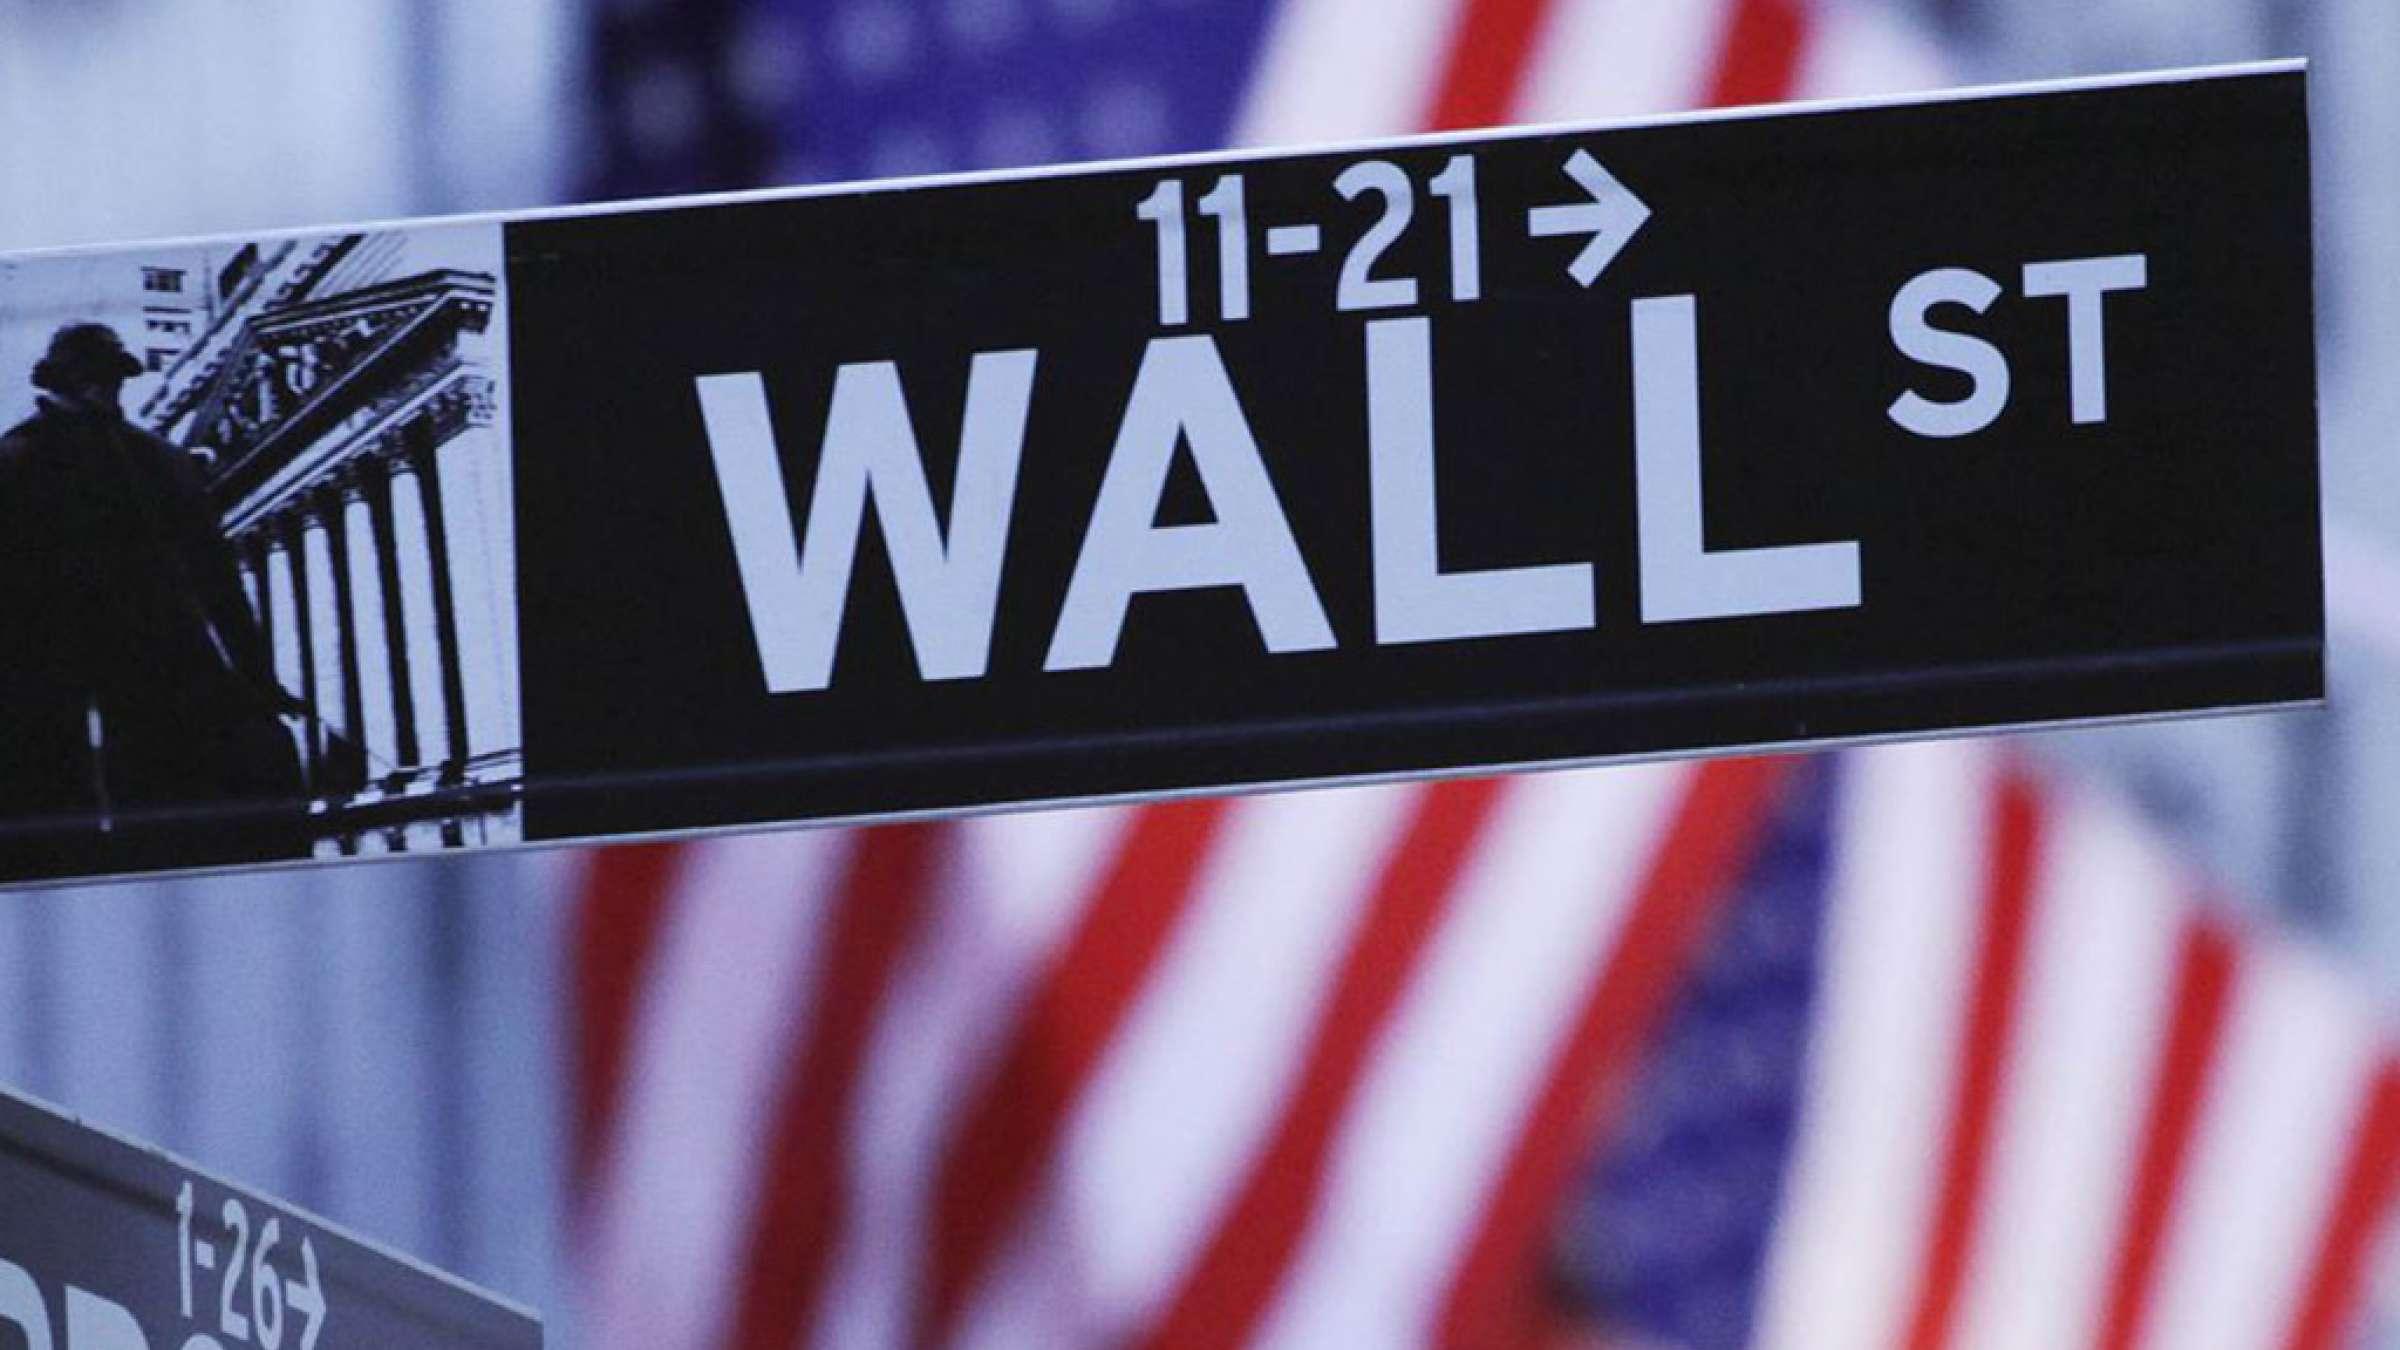 اقتصاد-تنباکویی-افت-قیمت-نفت-و-رشد-بورس-بعد-از-سخنان-ترامپ